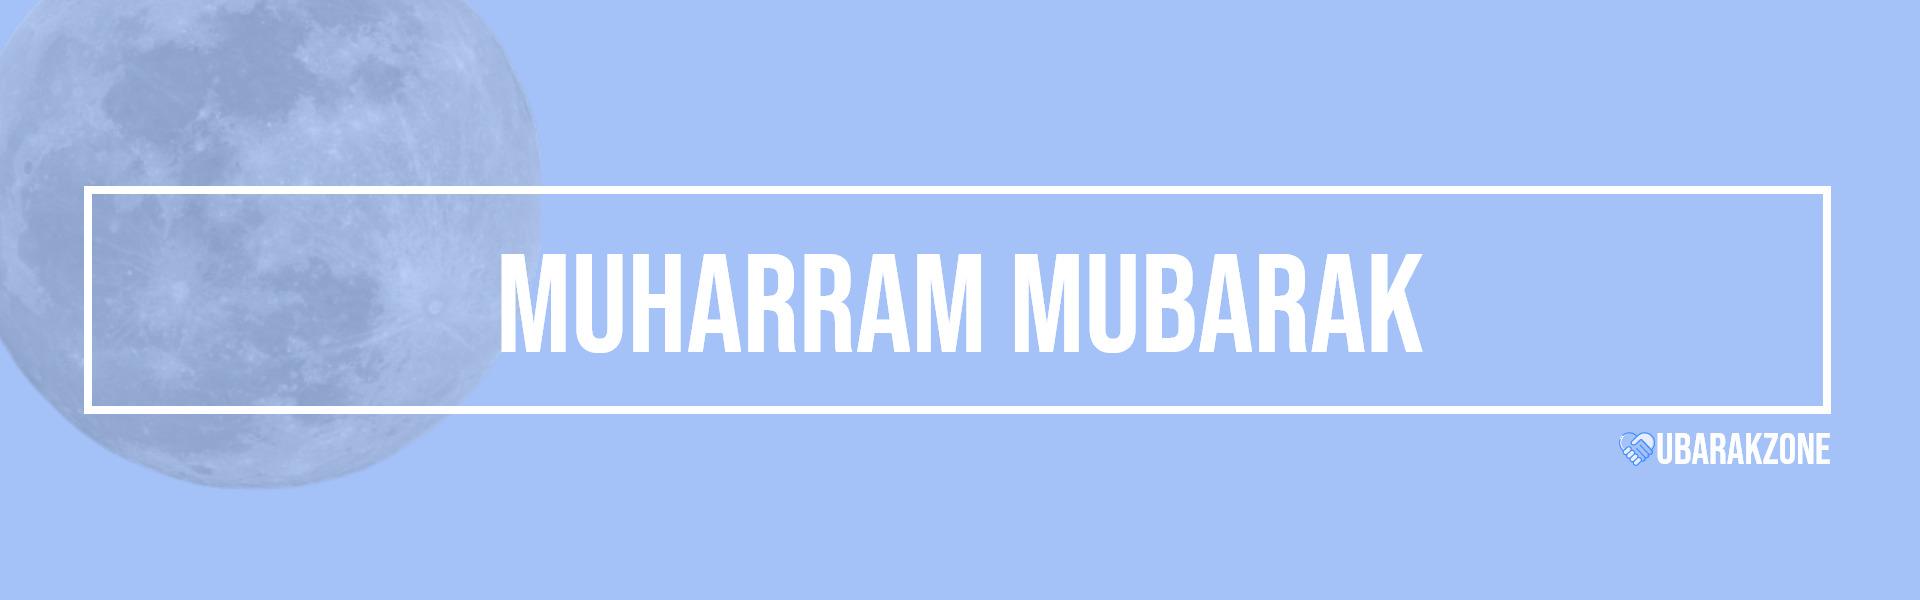 muharram mubarak wishes messages